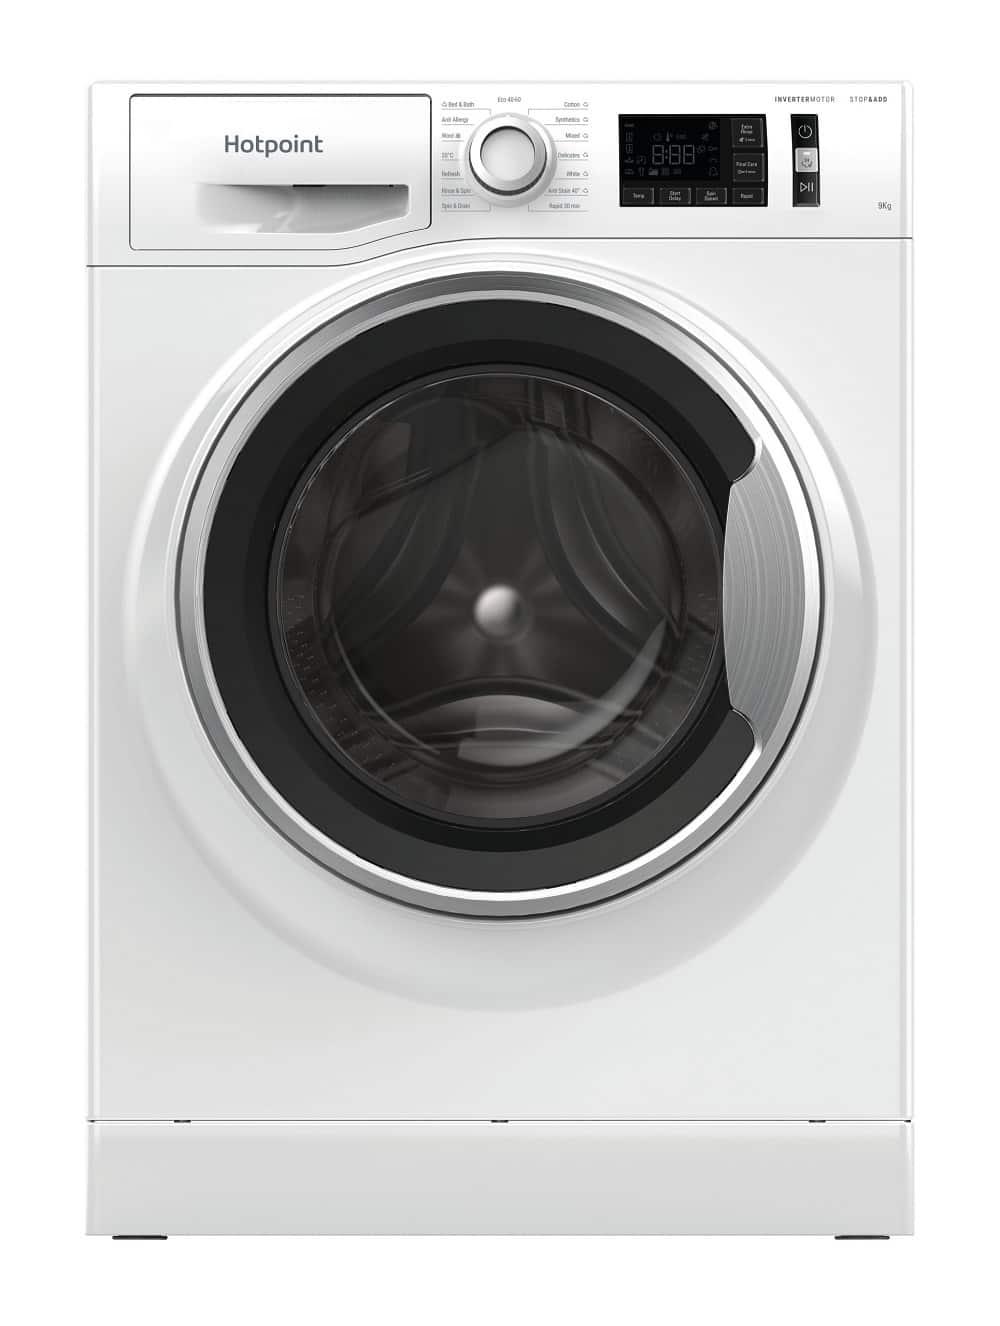 How to Reset Hotpoint Washing Machine